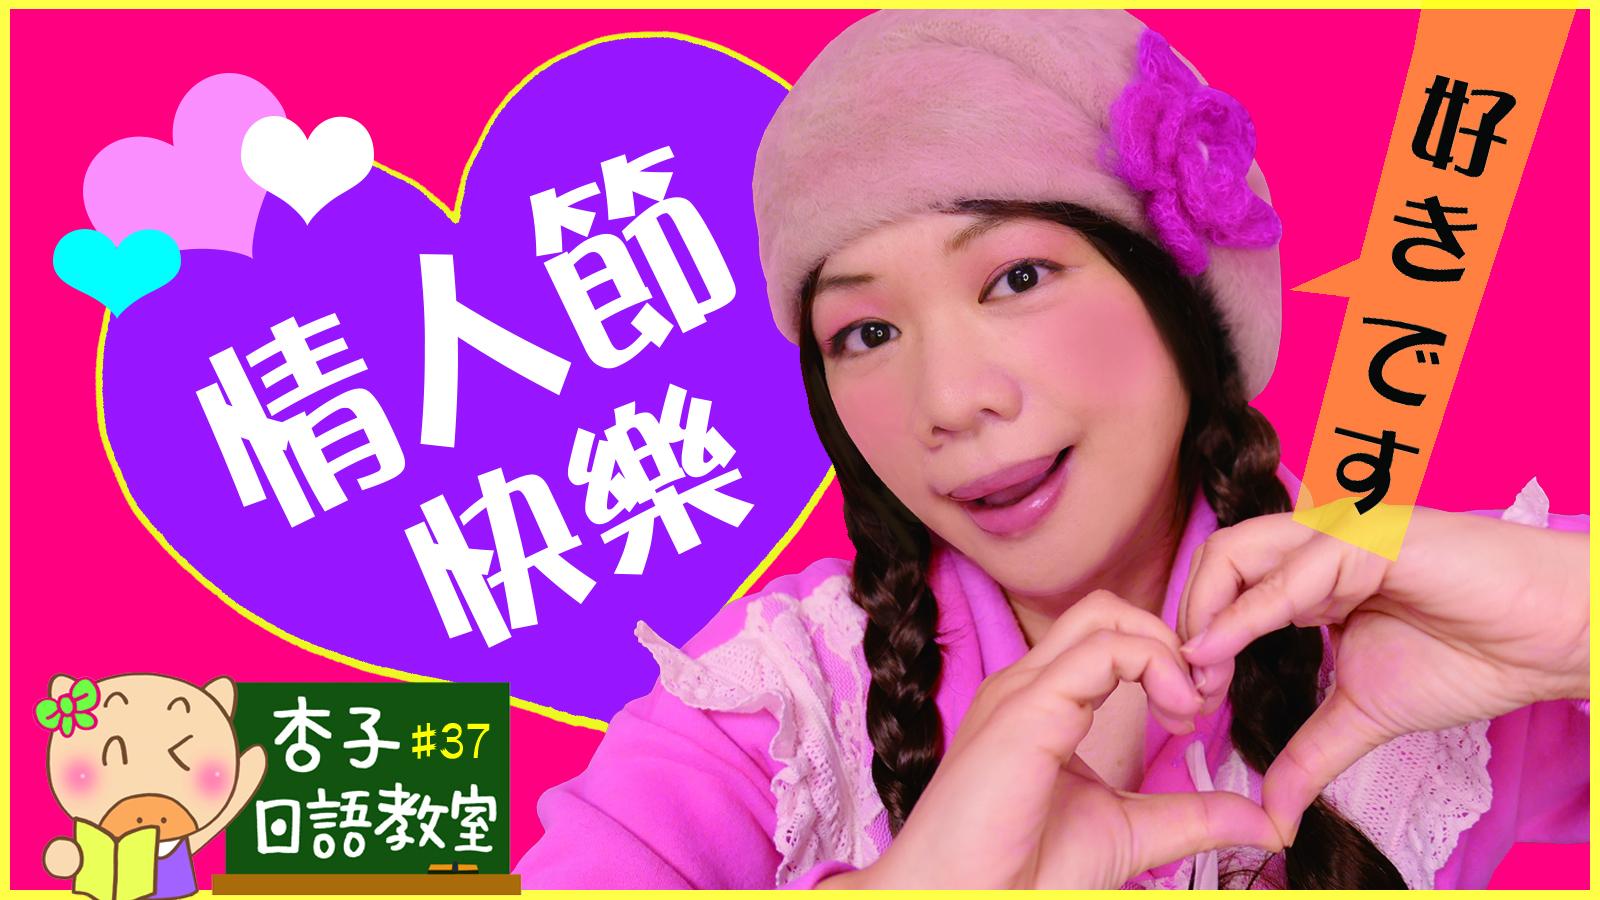 我愛你・我喜歡你・用日文怎麼說?情人節祝福 & 告白實用句型 - 哈日杏子嬉遊記